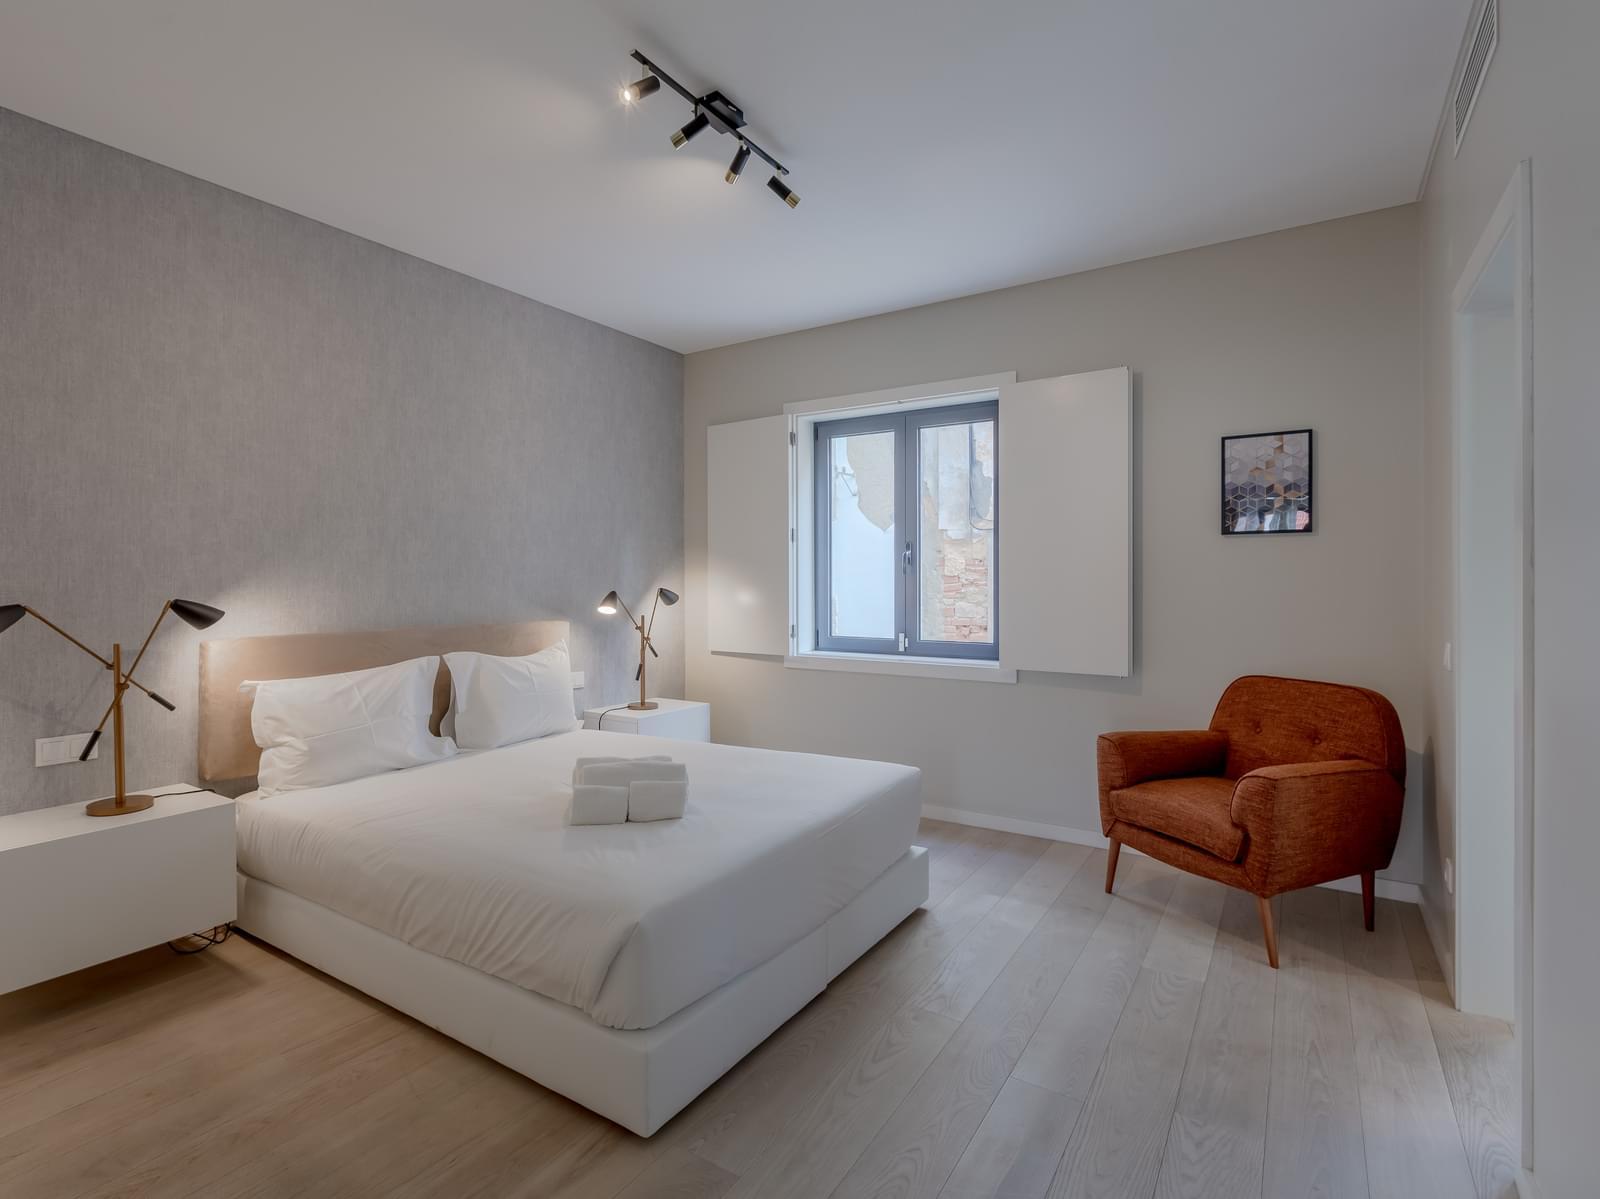 pf18160-apartamento-t2-lisboa-54d4bb19-2856-4172-bacf-bfdac7dc9ff9